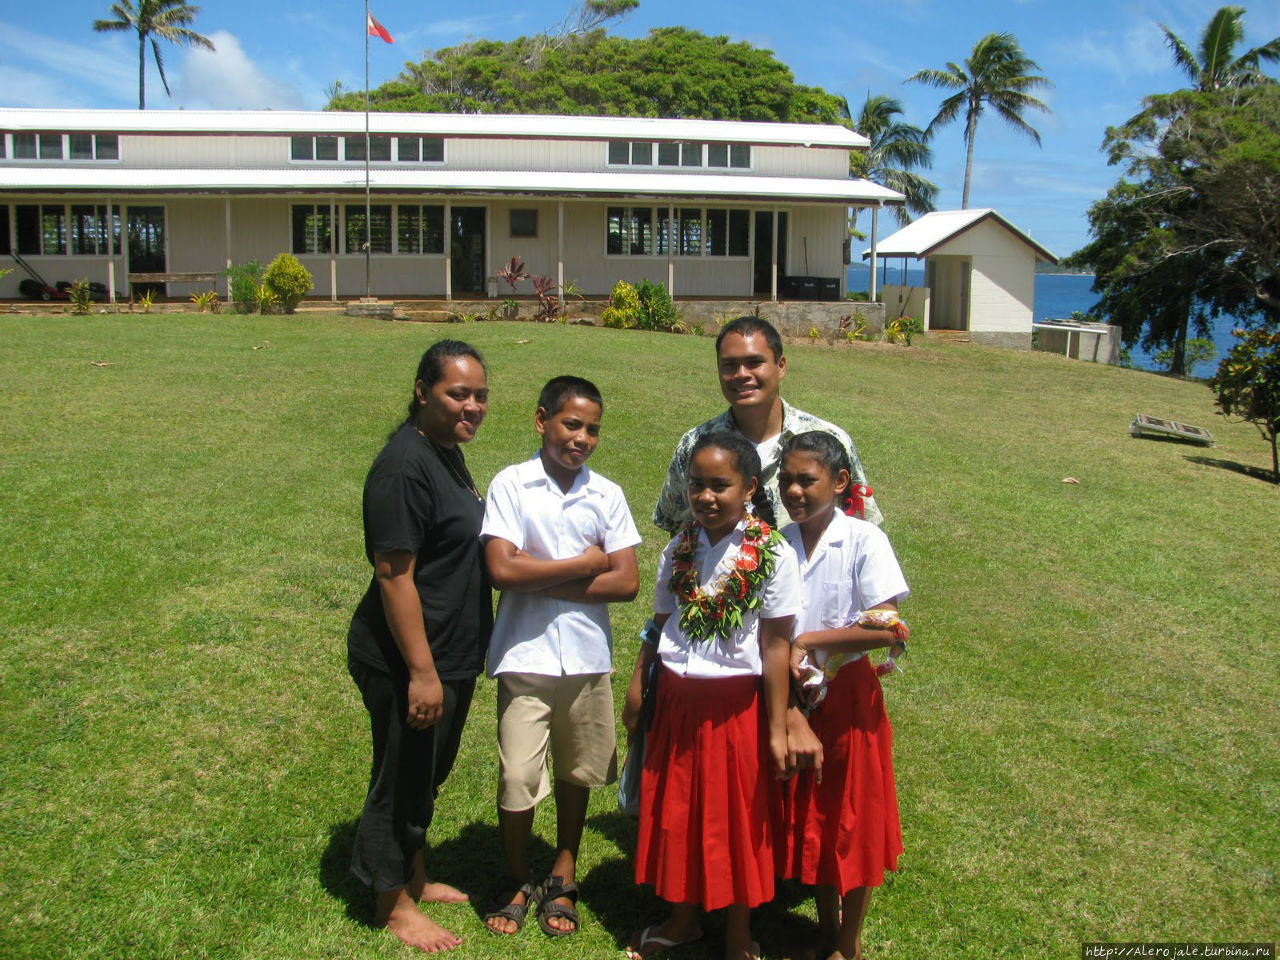 Женщины Тонга Нукуалофа, Тонга